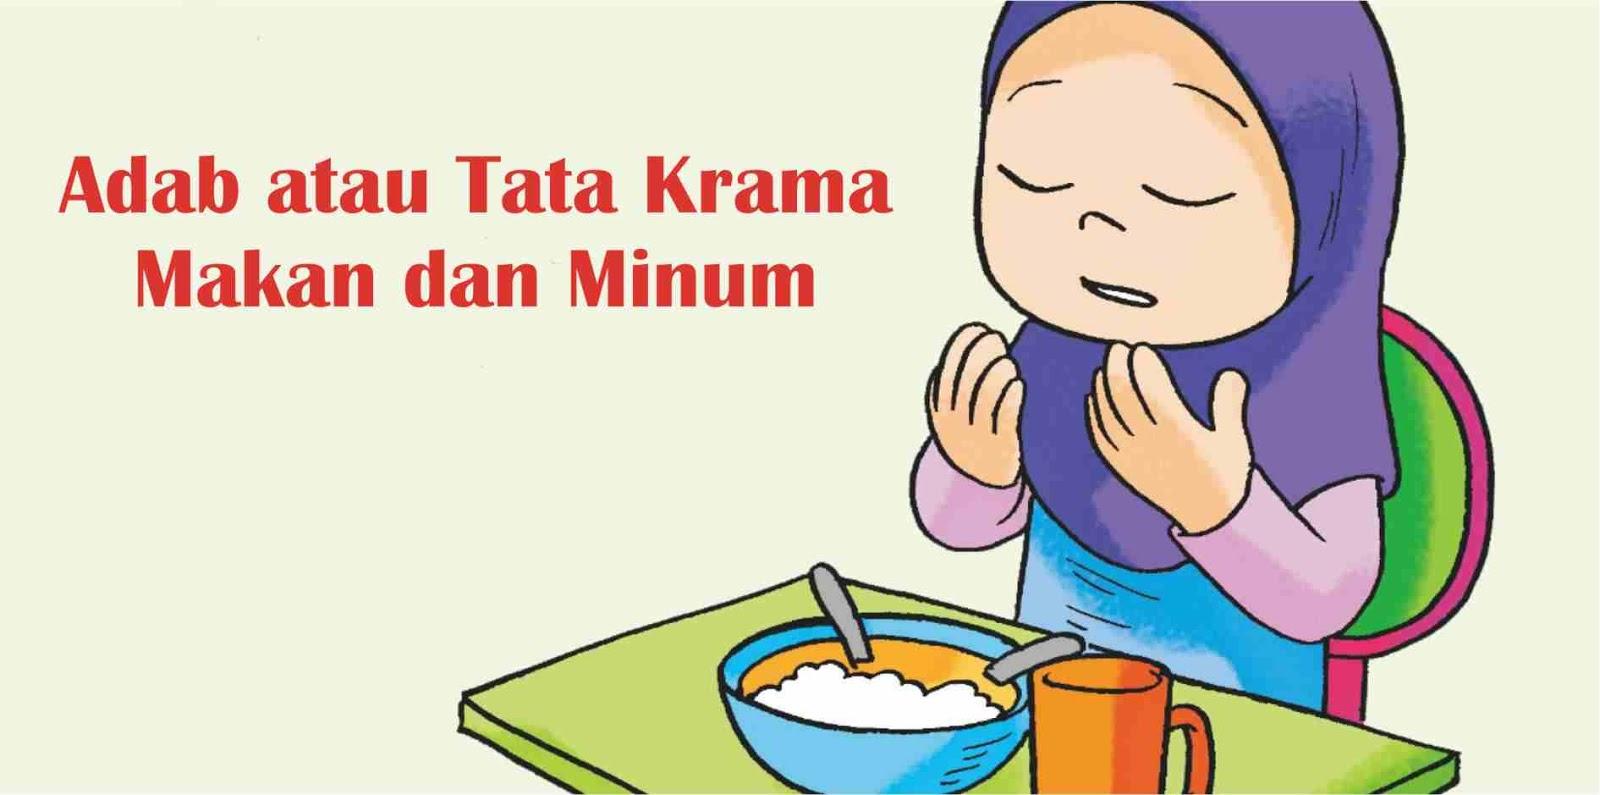 Adab Atau Tata Krama Makan Dan Minum Dalam Islam Doa